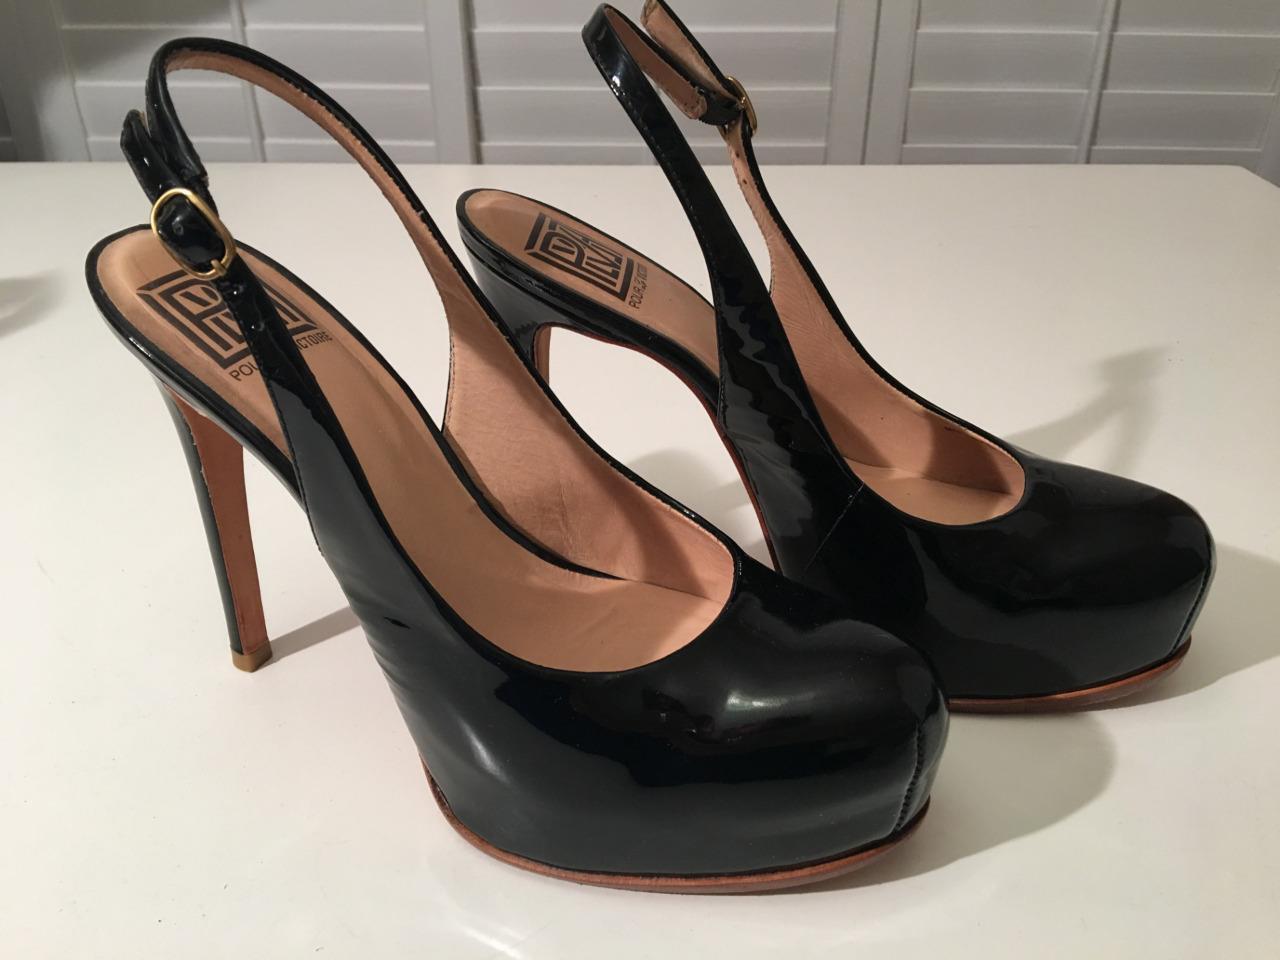 Auth pour la Victoire Charol Charol Charol Negro Charol Plataforma Zapatos De Salón Talla 8 b90de3